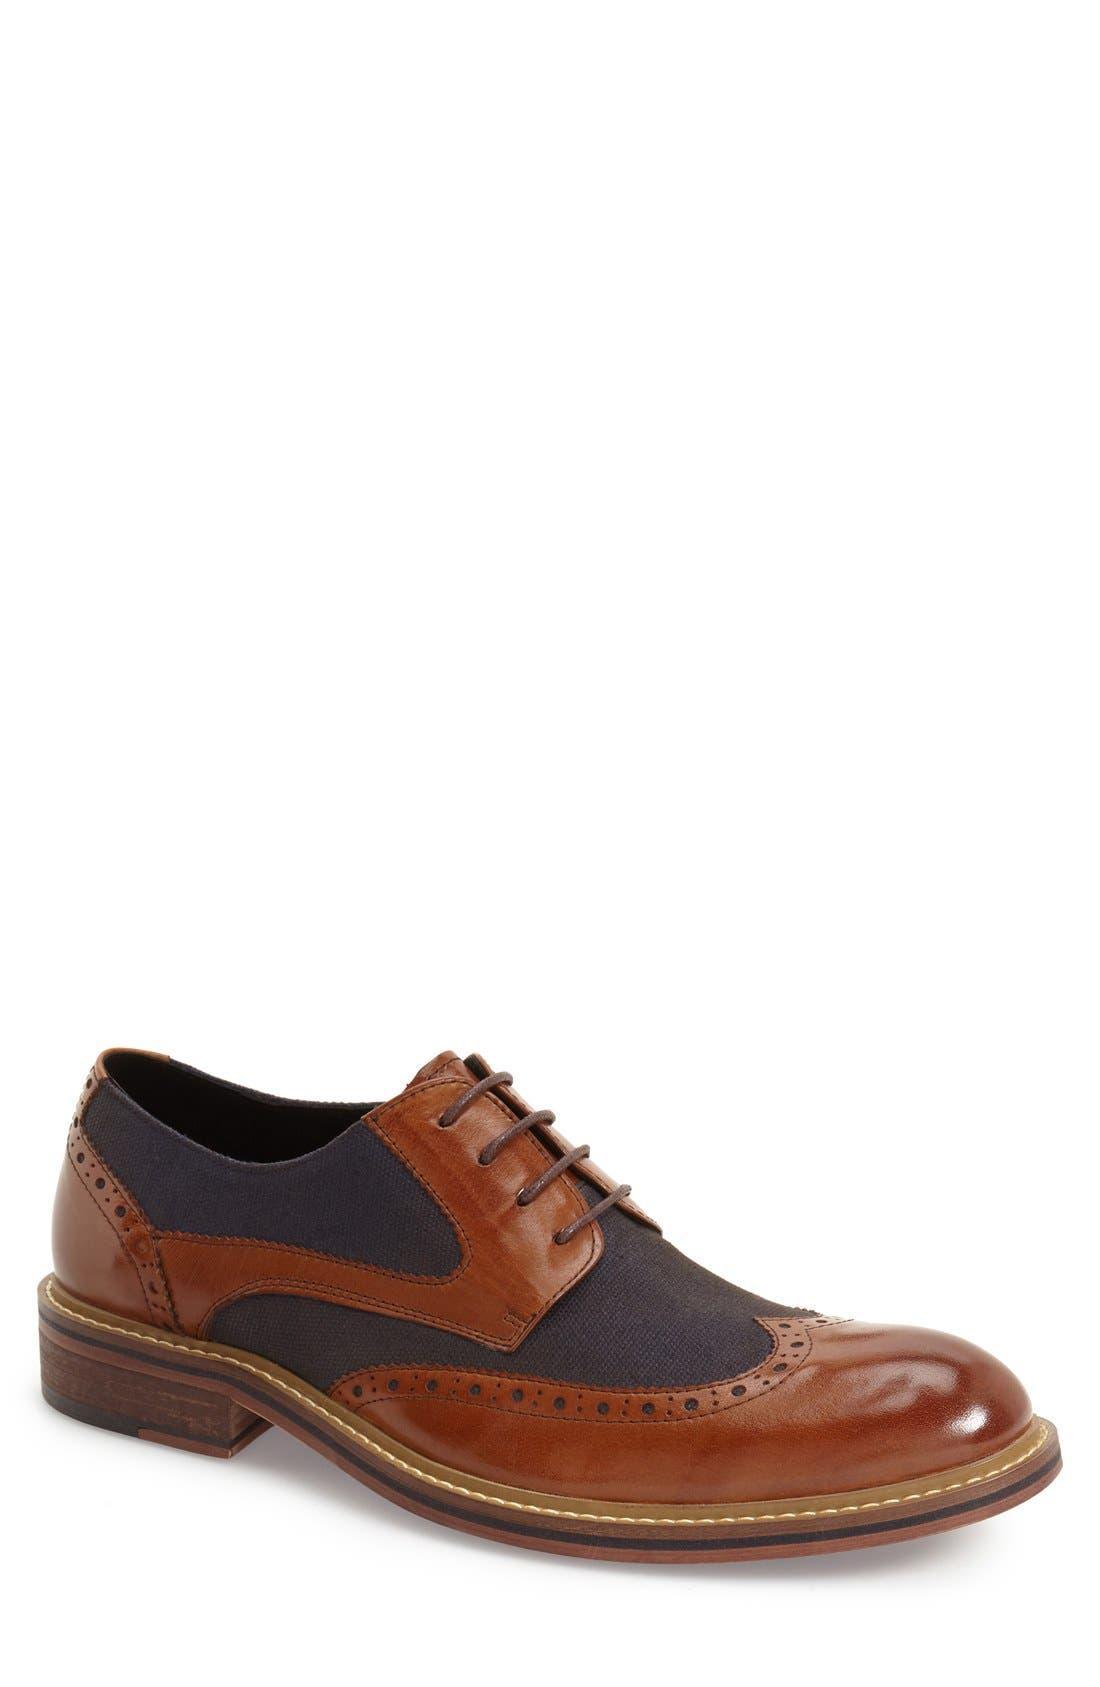 Mens Vintage Style Shoes & Boots| Retro Classic Shoes Mens Zanzara Money Spectator Shoe Size 10.5 M - Brown $137.90 AT vintagedancer.com